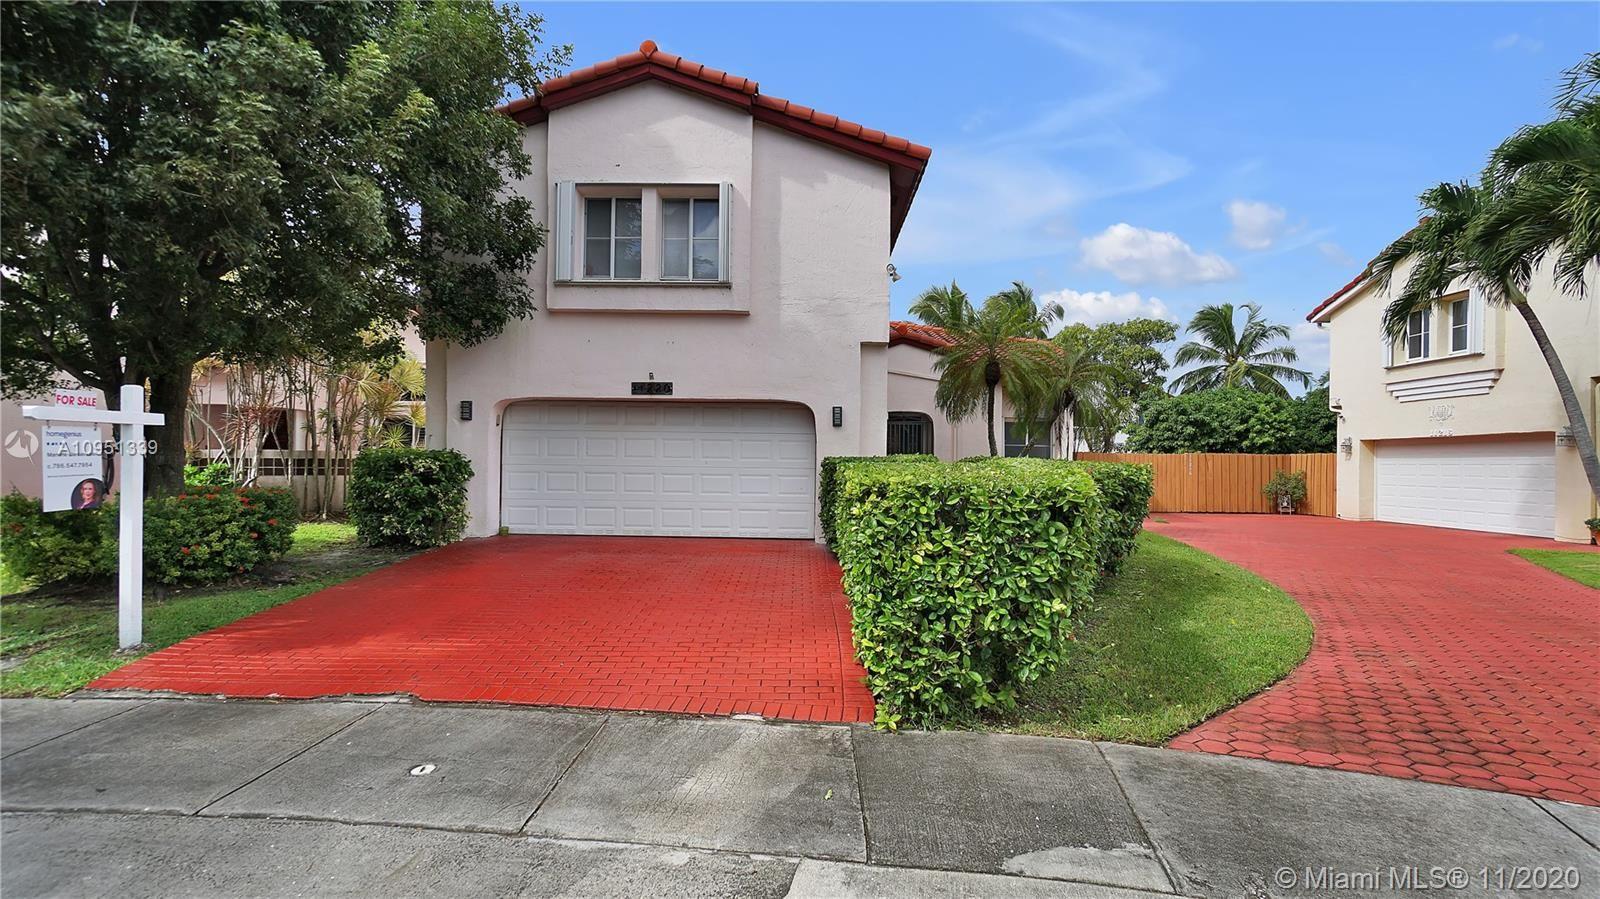 11220 SW 147th Pl, Miami, FL 33196 - #: A10951339